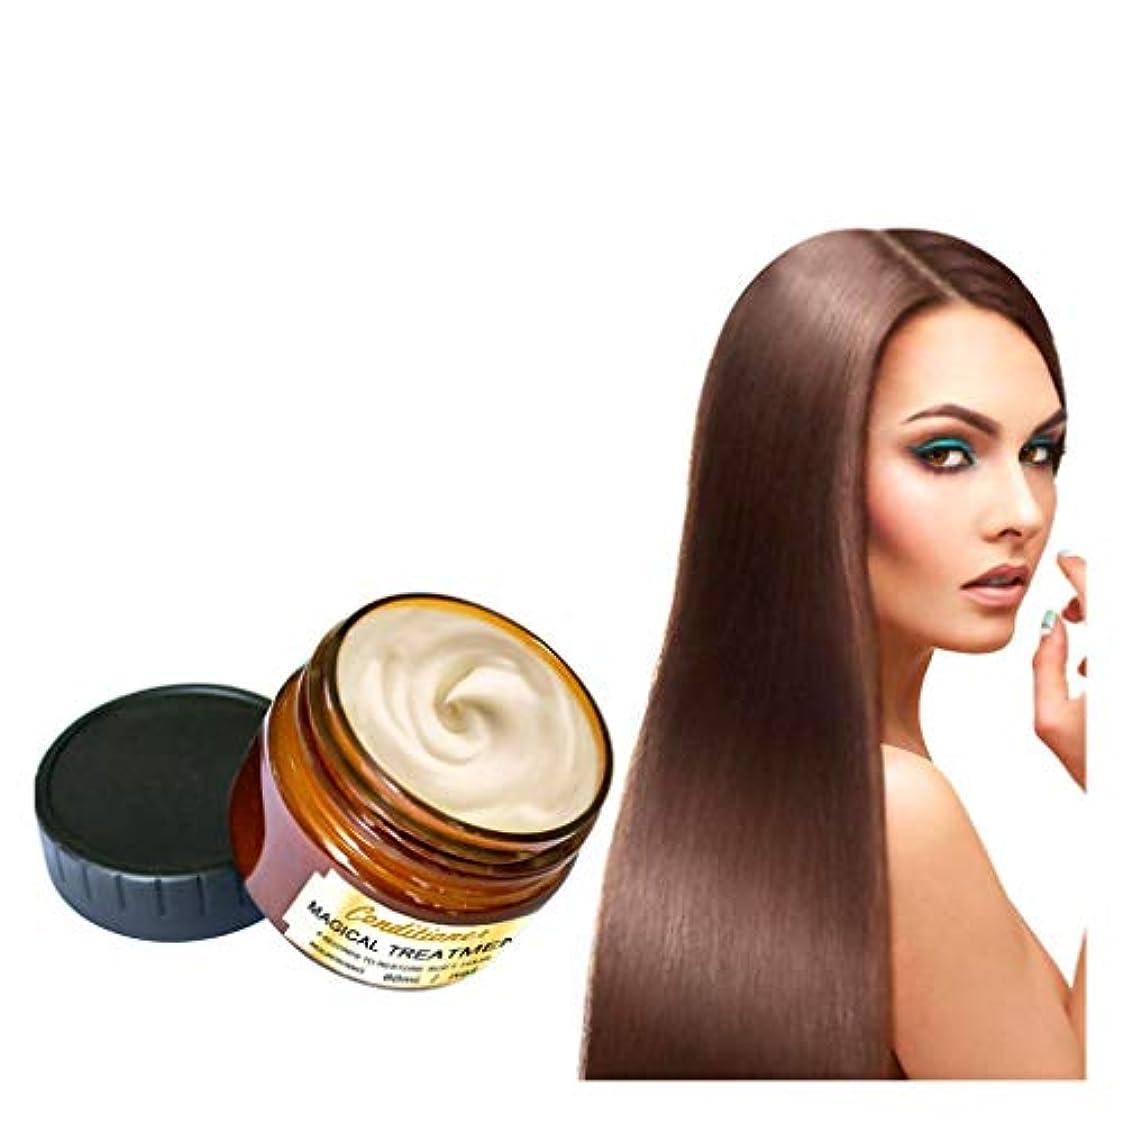 国内のどこ現実DLtime ヘアマスク髪の解毒ヘアマスクディープリペア軟膏すべてのヘアスタイルを修正(60ML)コンディショナー高度な分子毛根治療柔らかい髪ケラチン修復髪傷んだ髪を修復するヘアマスクの修理保湿髪けがのケア髪を滑らかにしますシャンプースムージングヘアドライラナンキュラス (A)